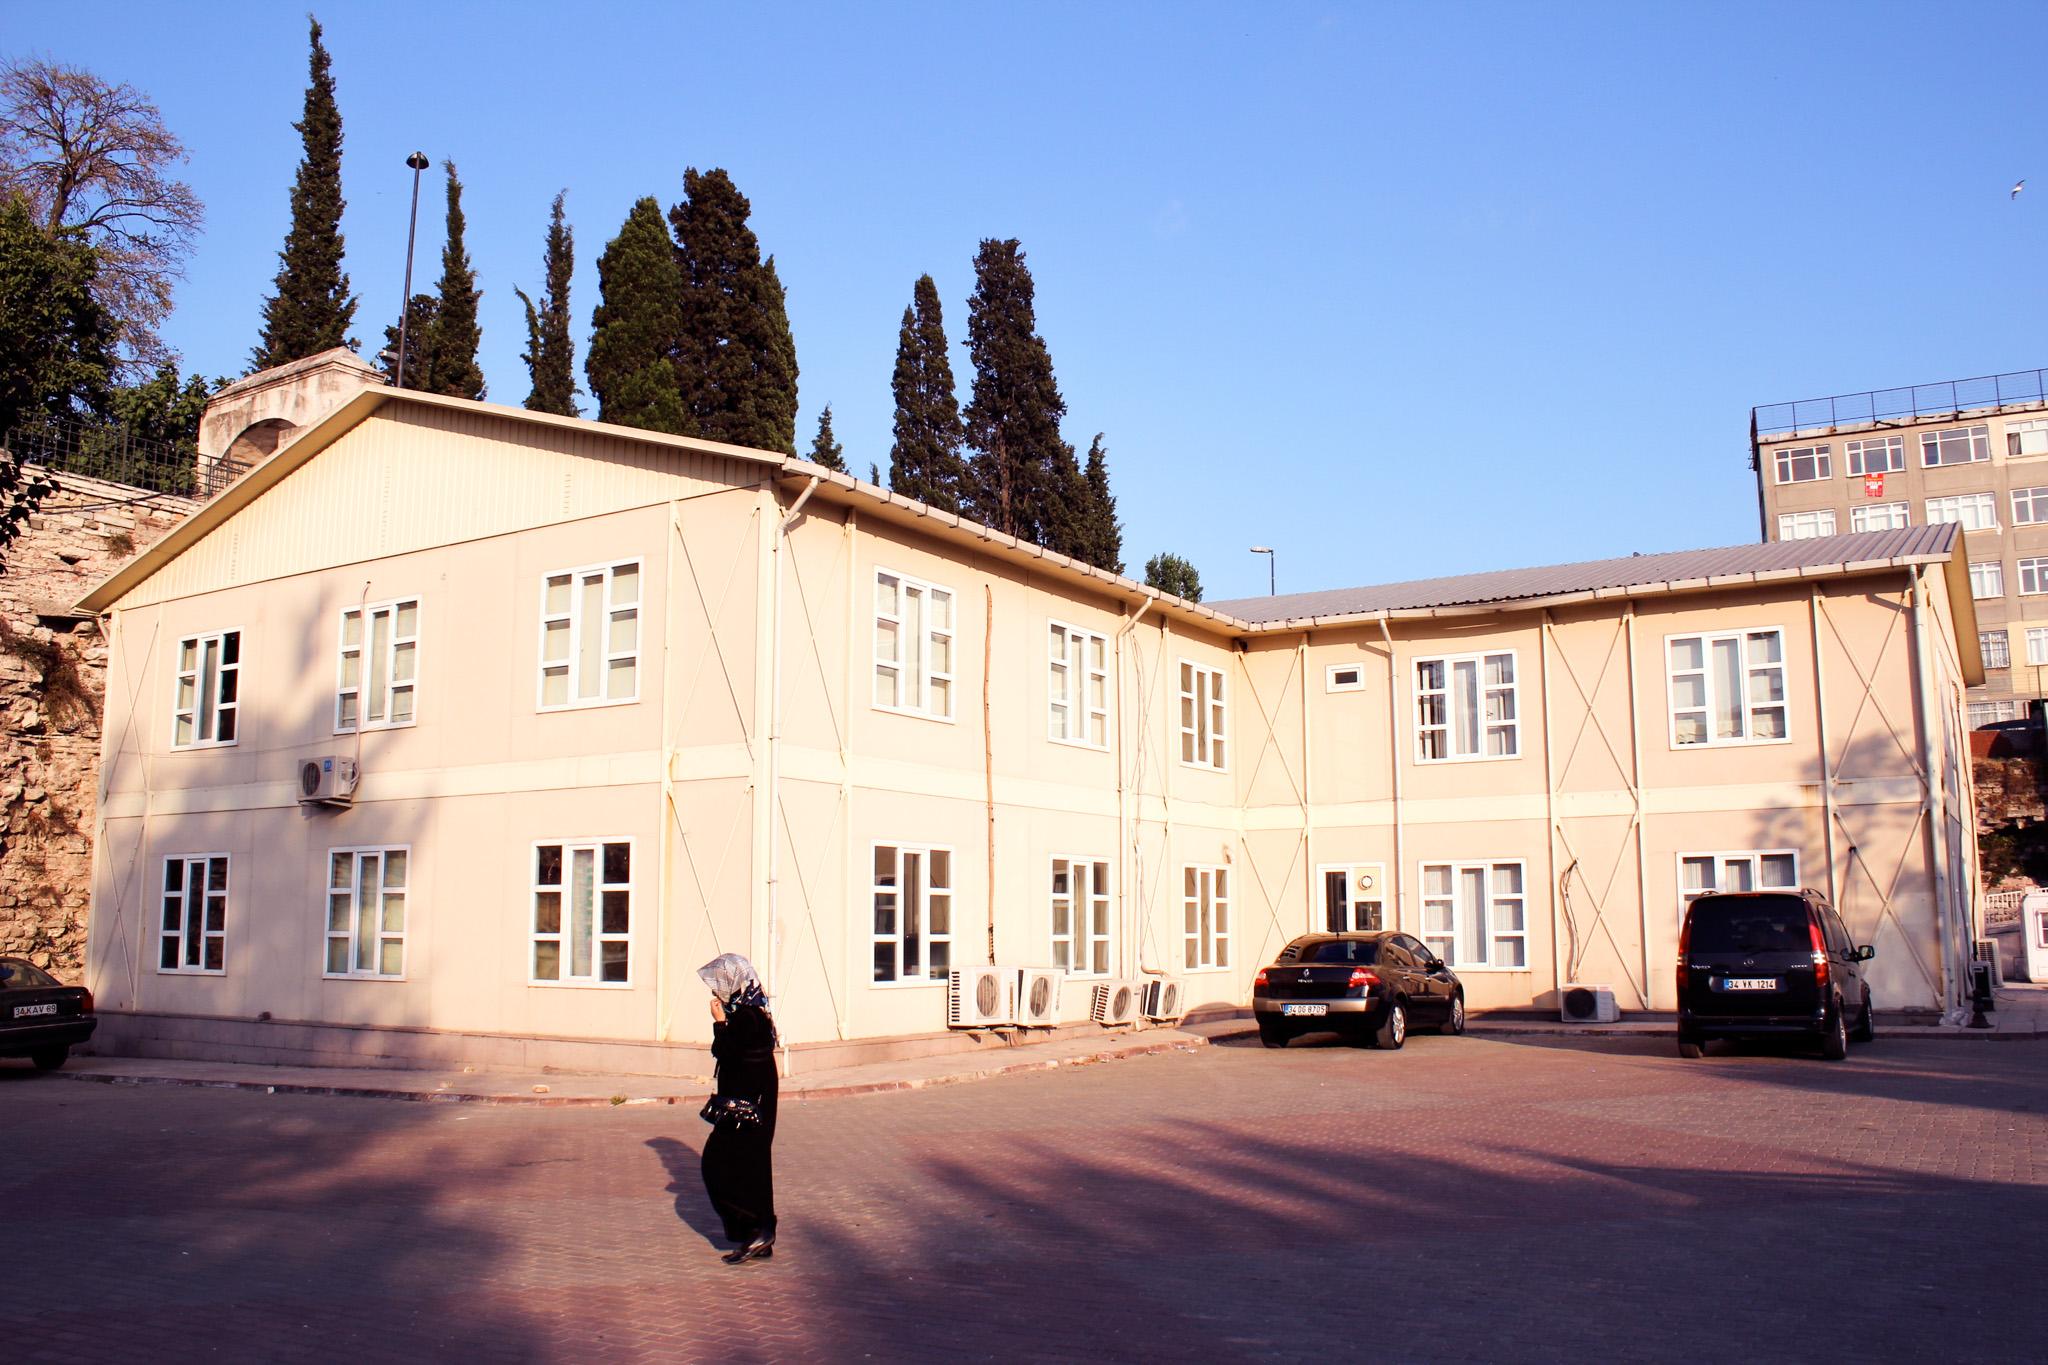 istanbul-peeks-2010-rfm-life-14.jpg